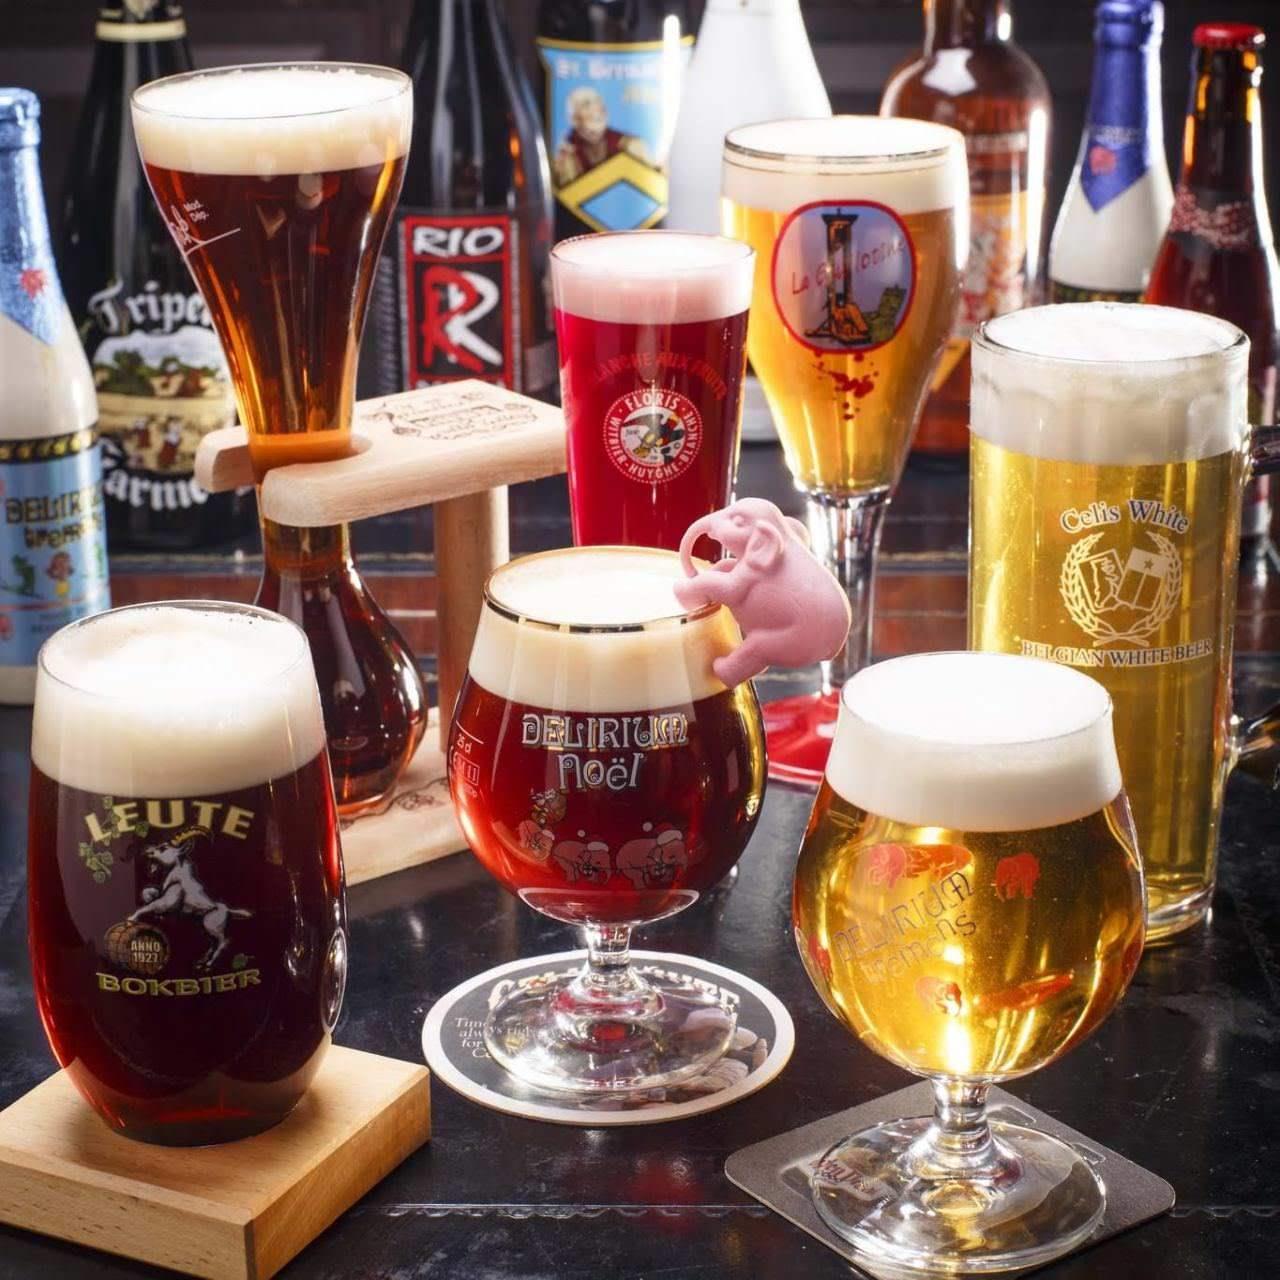 直輸入クラフトビール樽生、自社輸入のワインもご用意!!